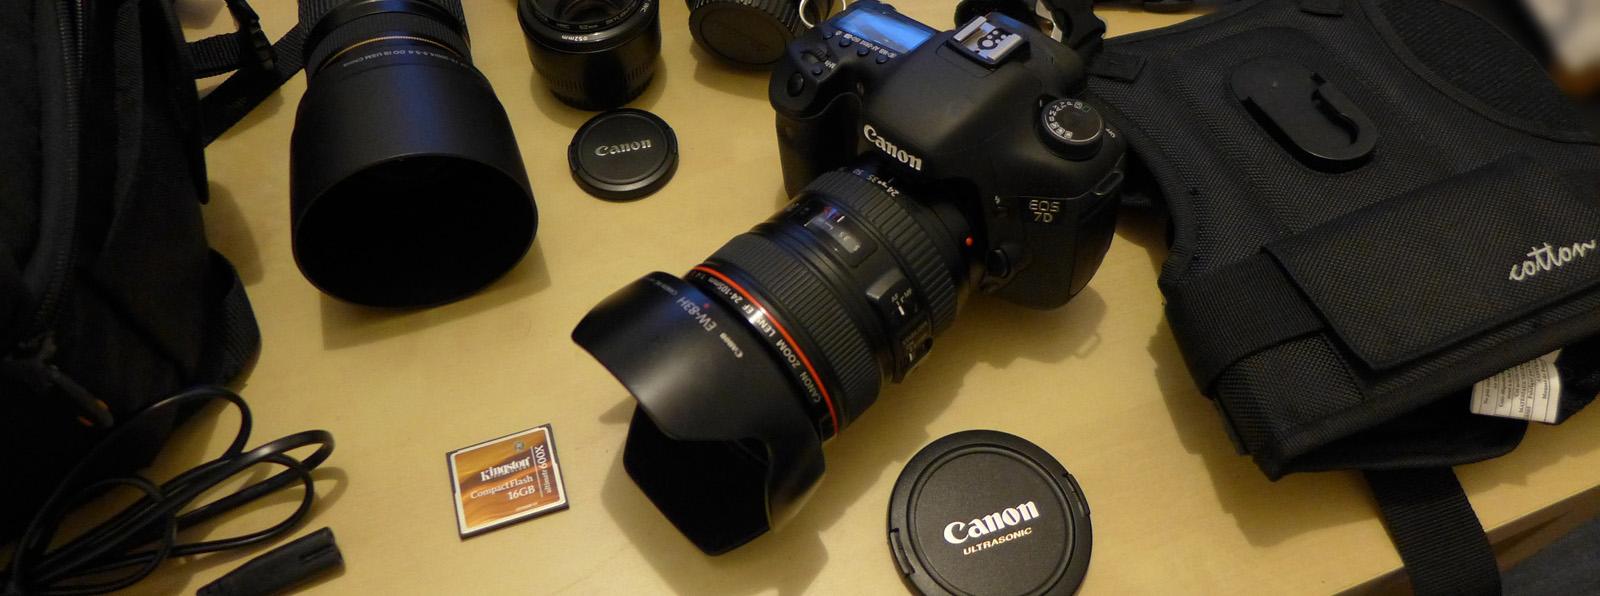 Dịch vụ cho thuê máy ảnh Canon